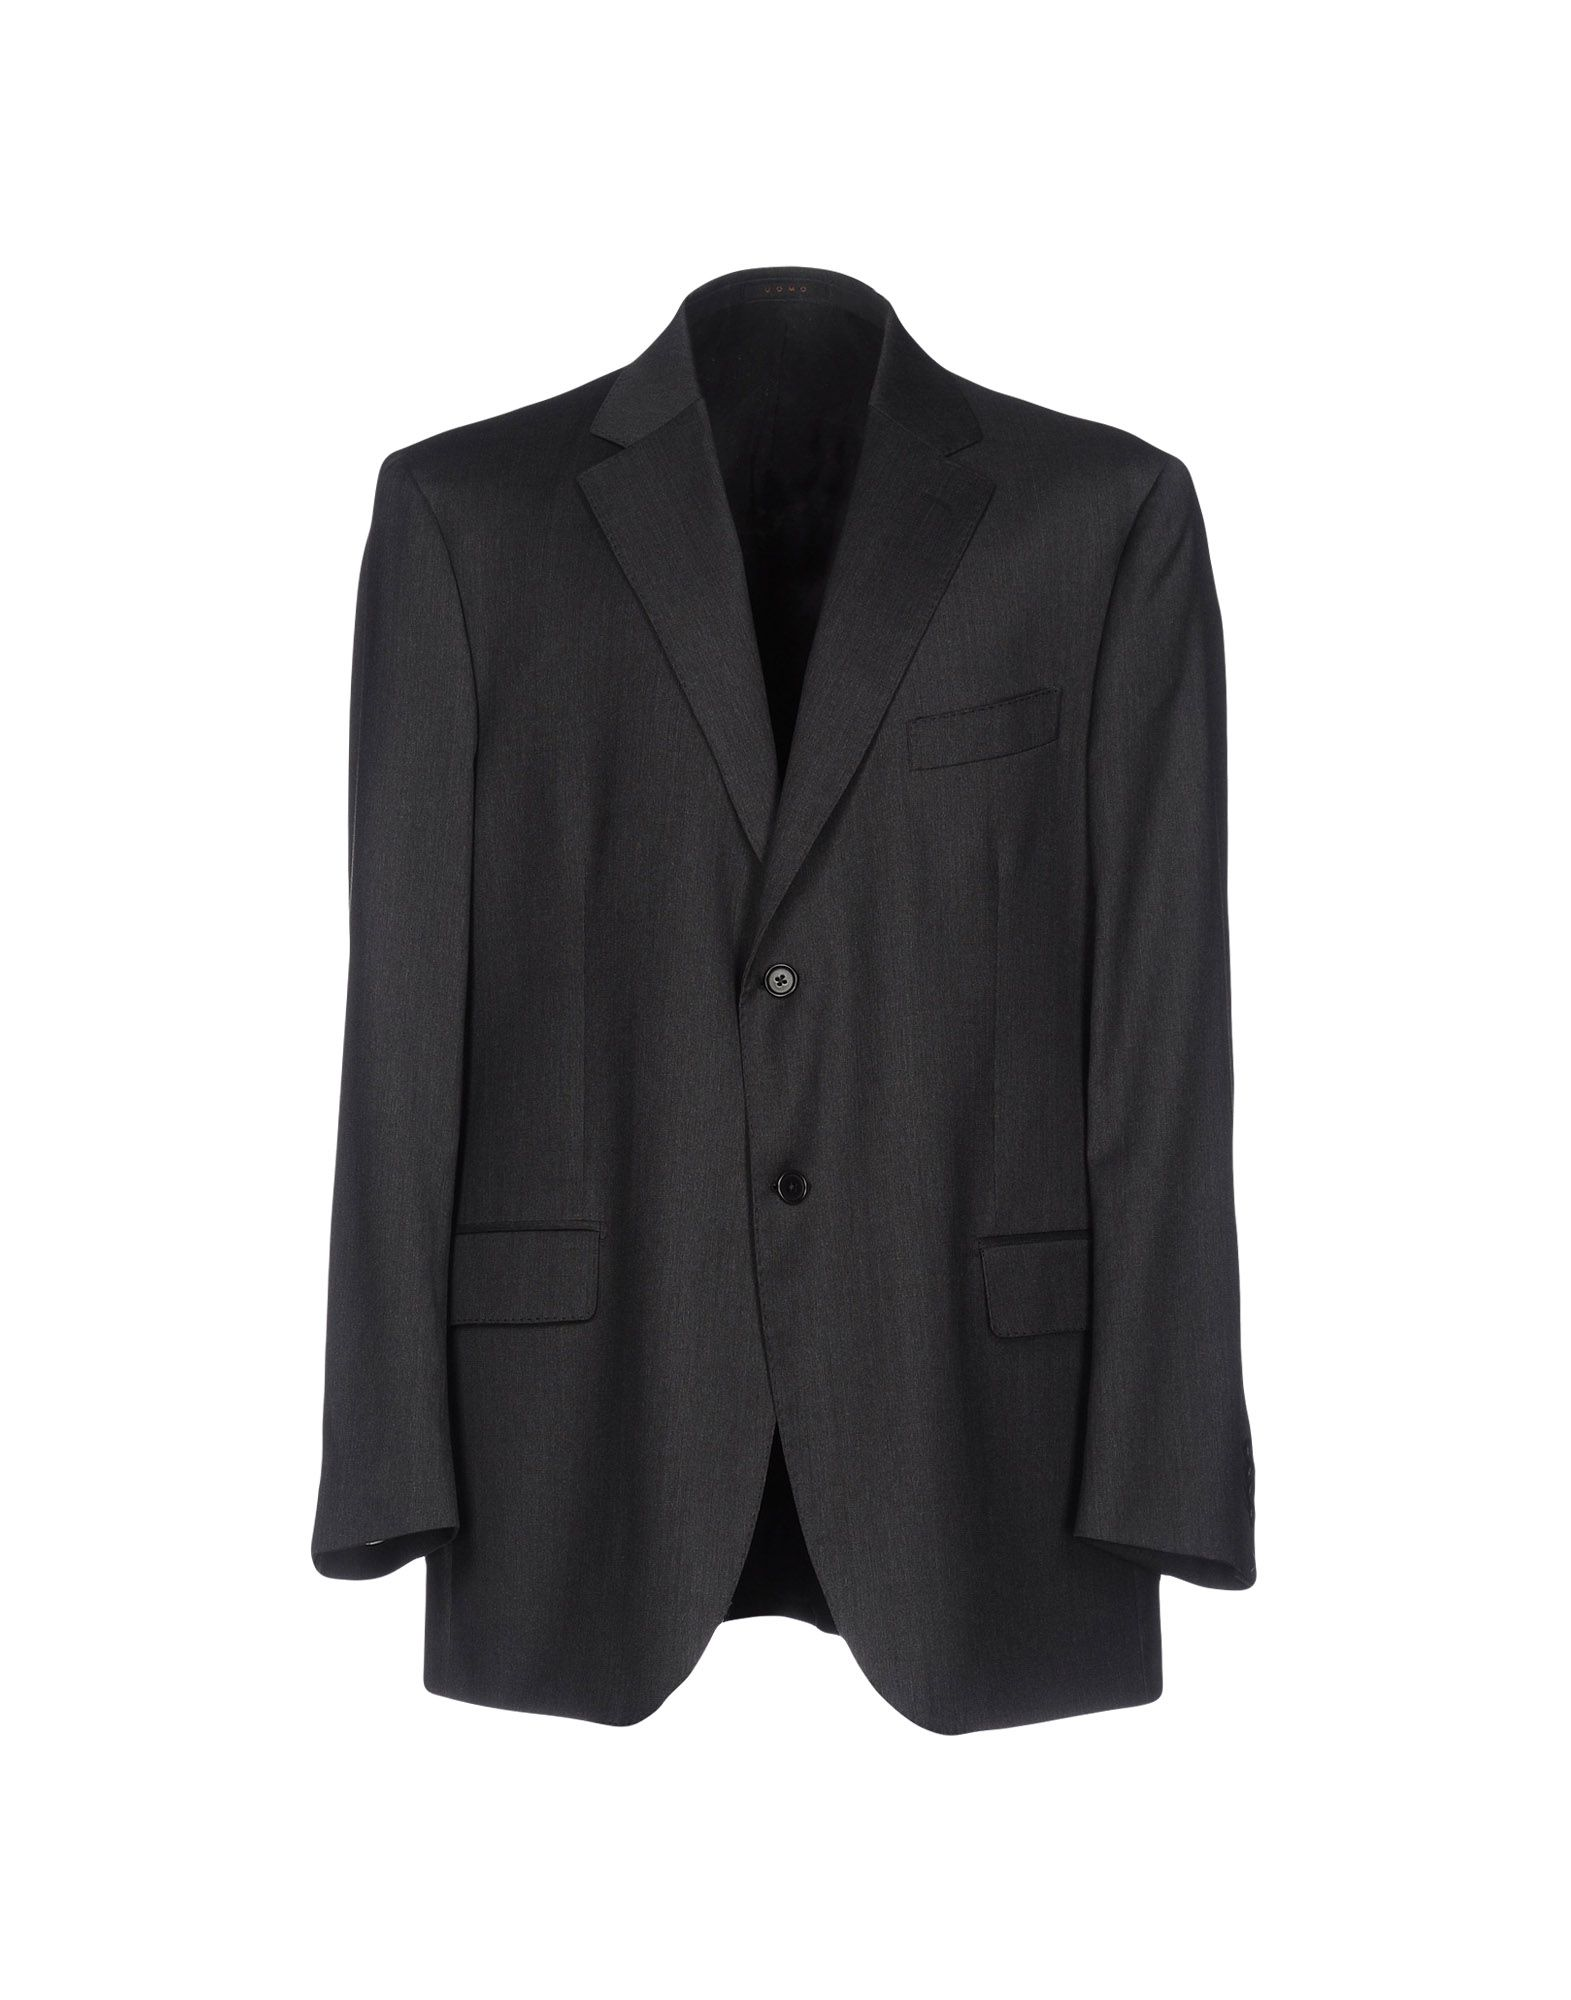 《送料無料》LORENZO SCARPA メンズ テーラードジャケット スチールグレー 60 バージンウール 100%